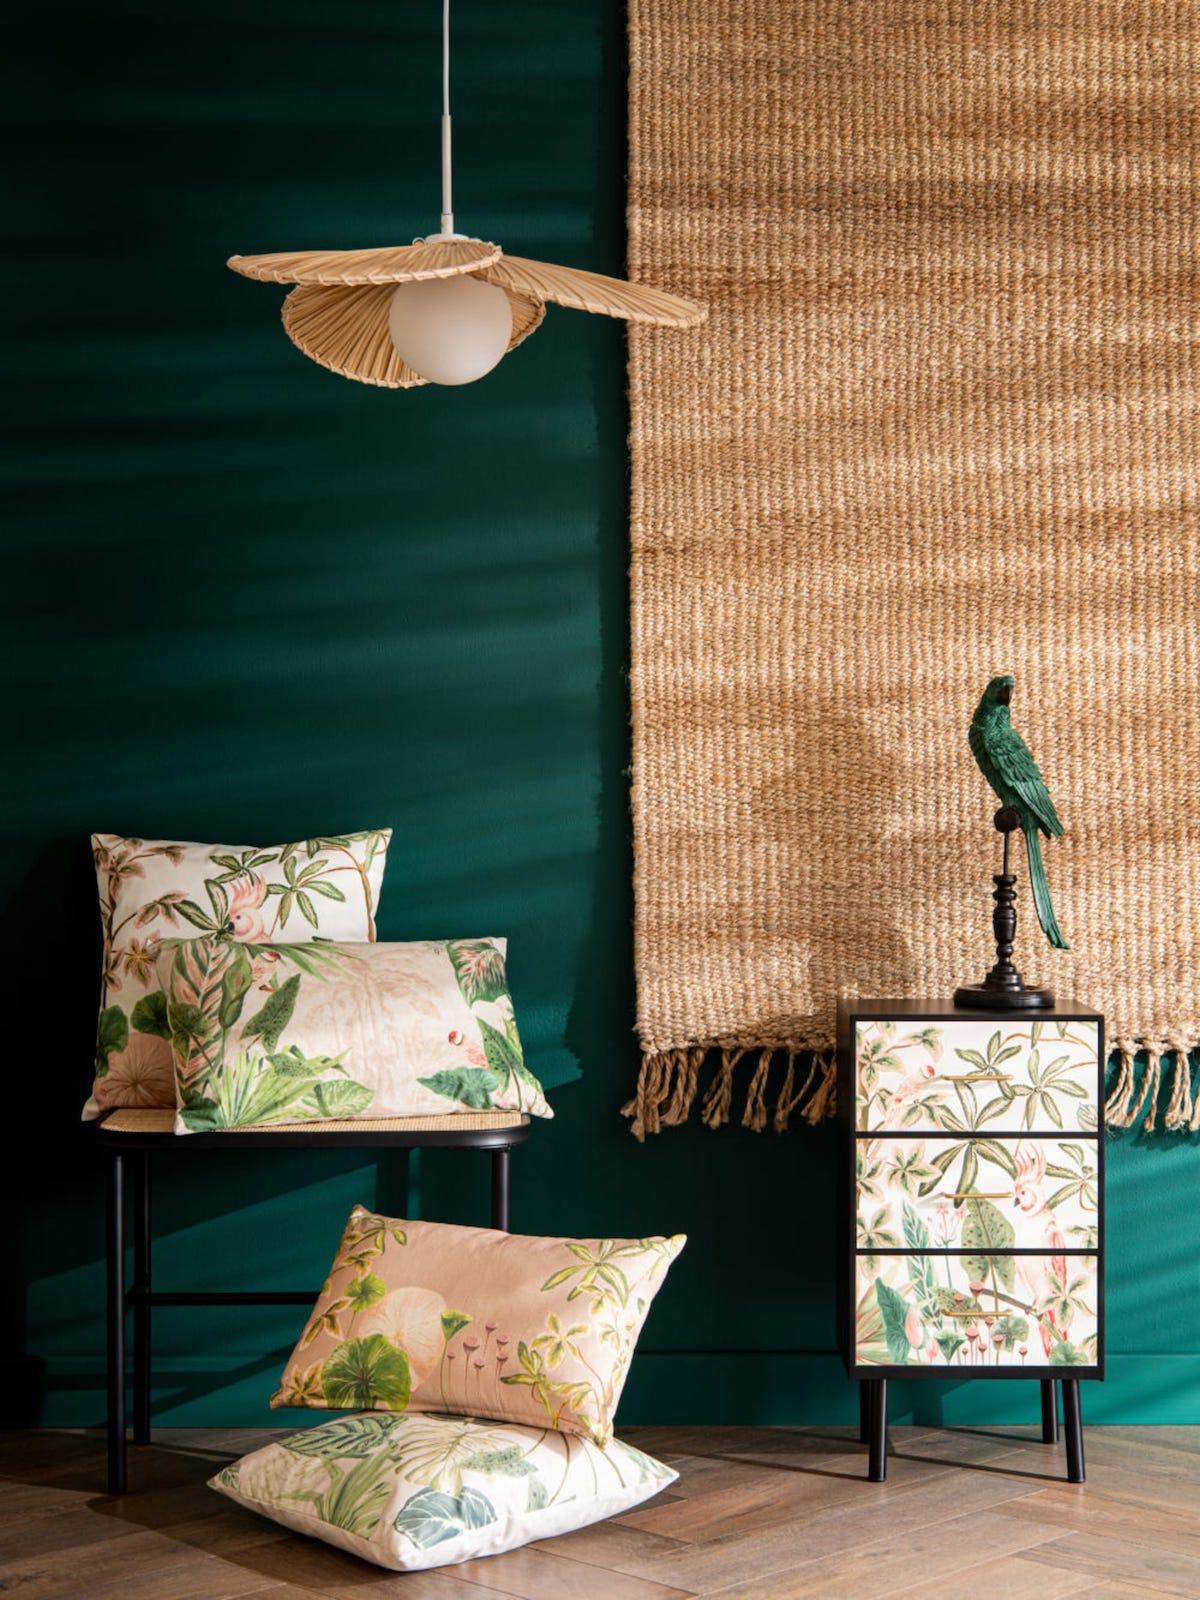 salon mur vert inspiration hanoi déco thème Vietnam suspension palmier rotin cannage